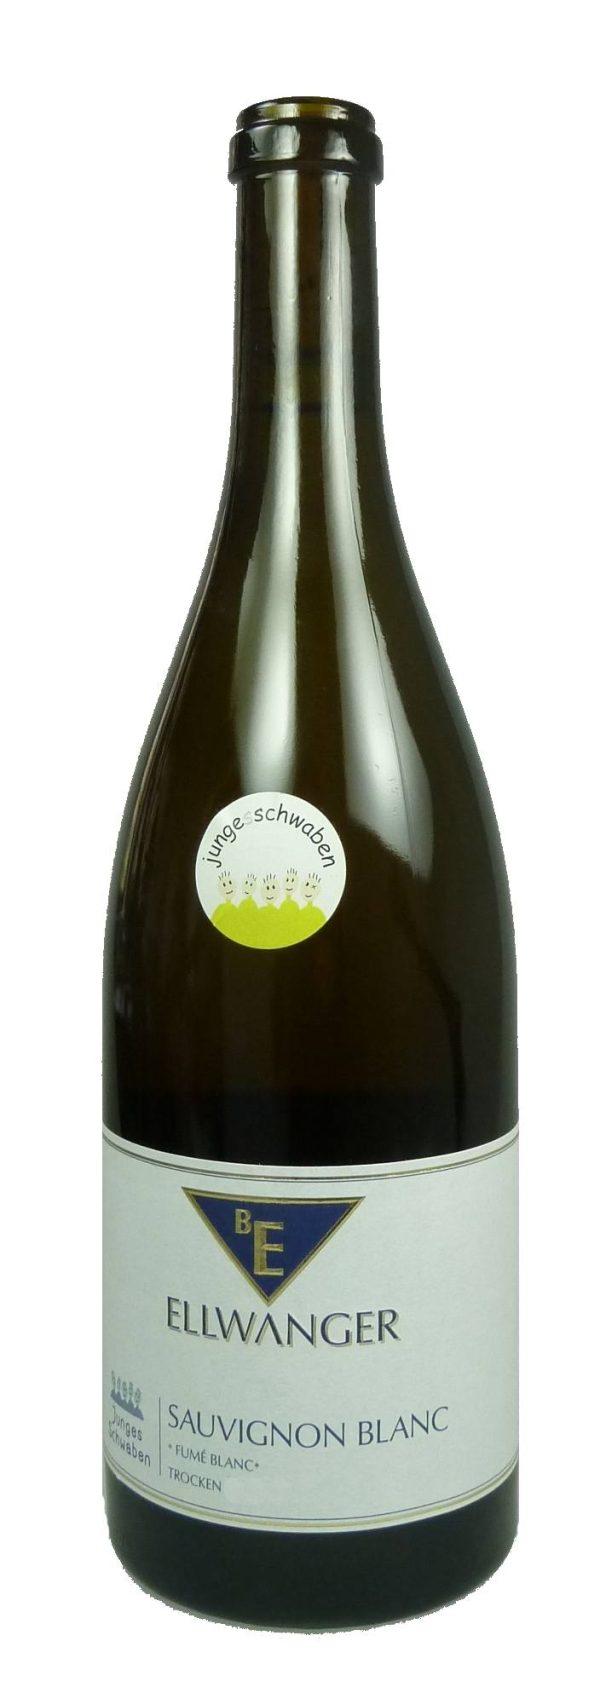 Junges Schwaben Sauvignon blanc Qualitätswein trocken 2015